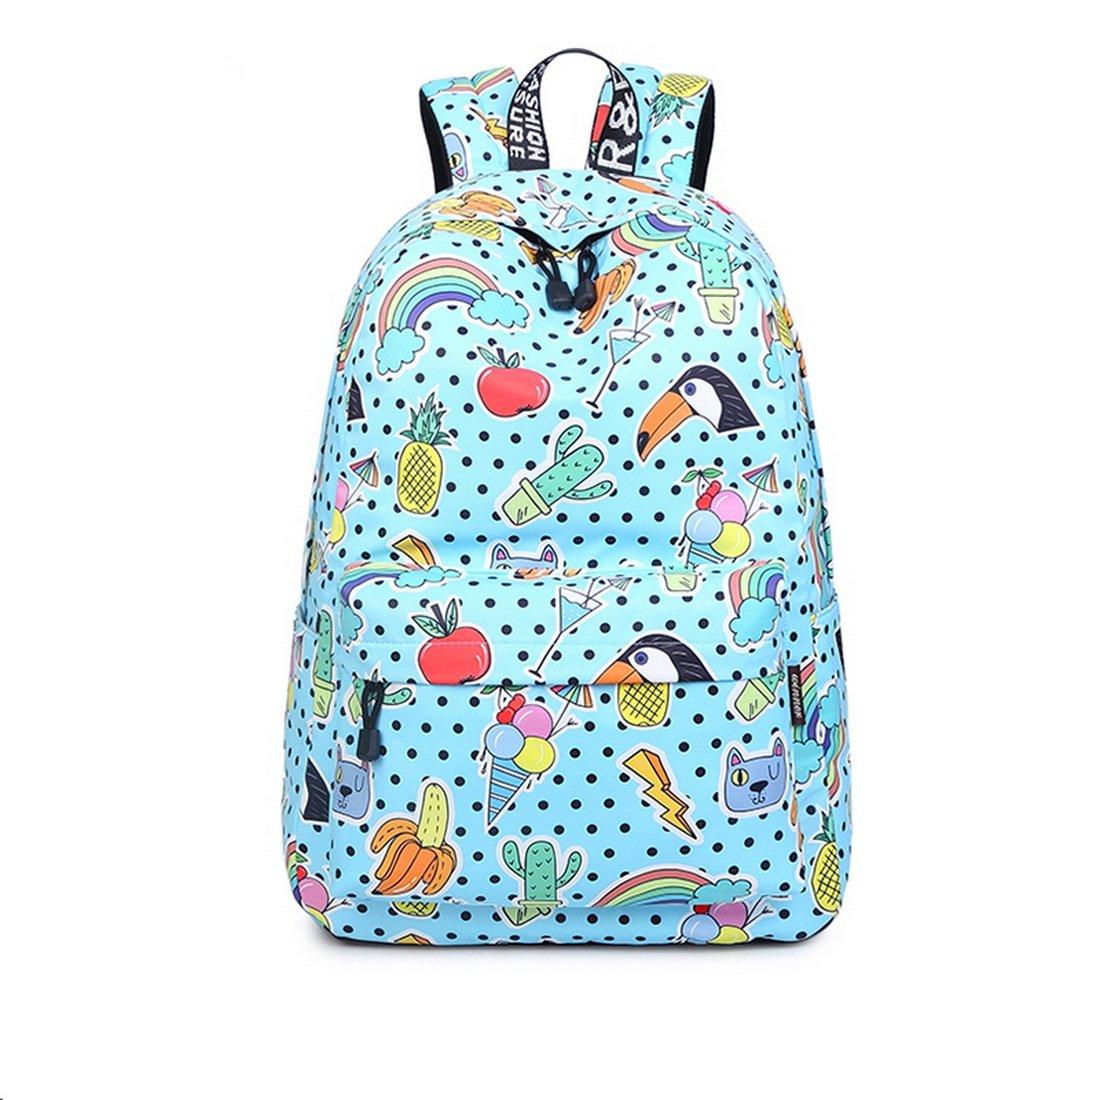 Joymoze Cartera Escolar para Niñas Impermeable - Linda Mochila para el Instituto - Mochila de Diario para Mujeres (Azul Claro) JYBP843LTBL